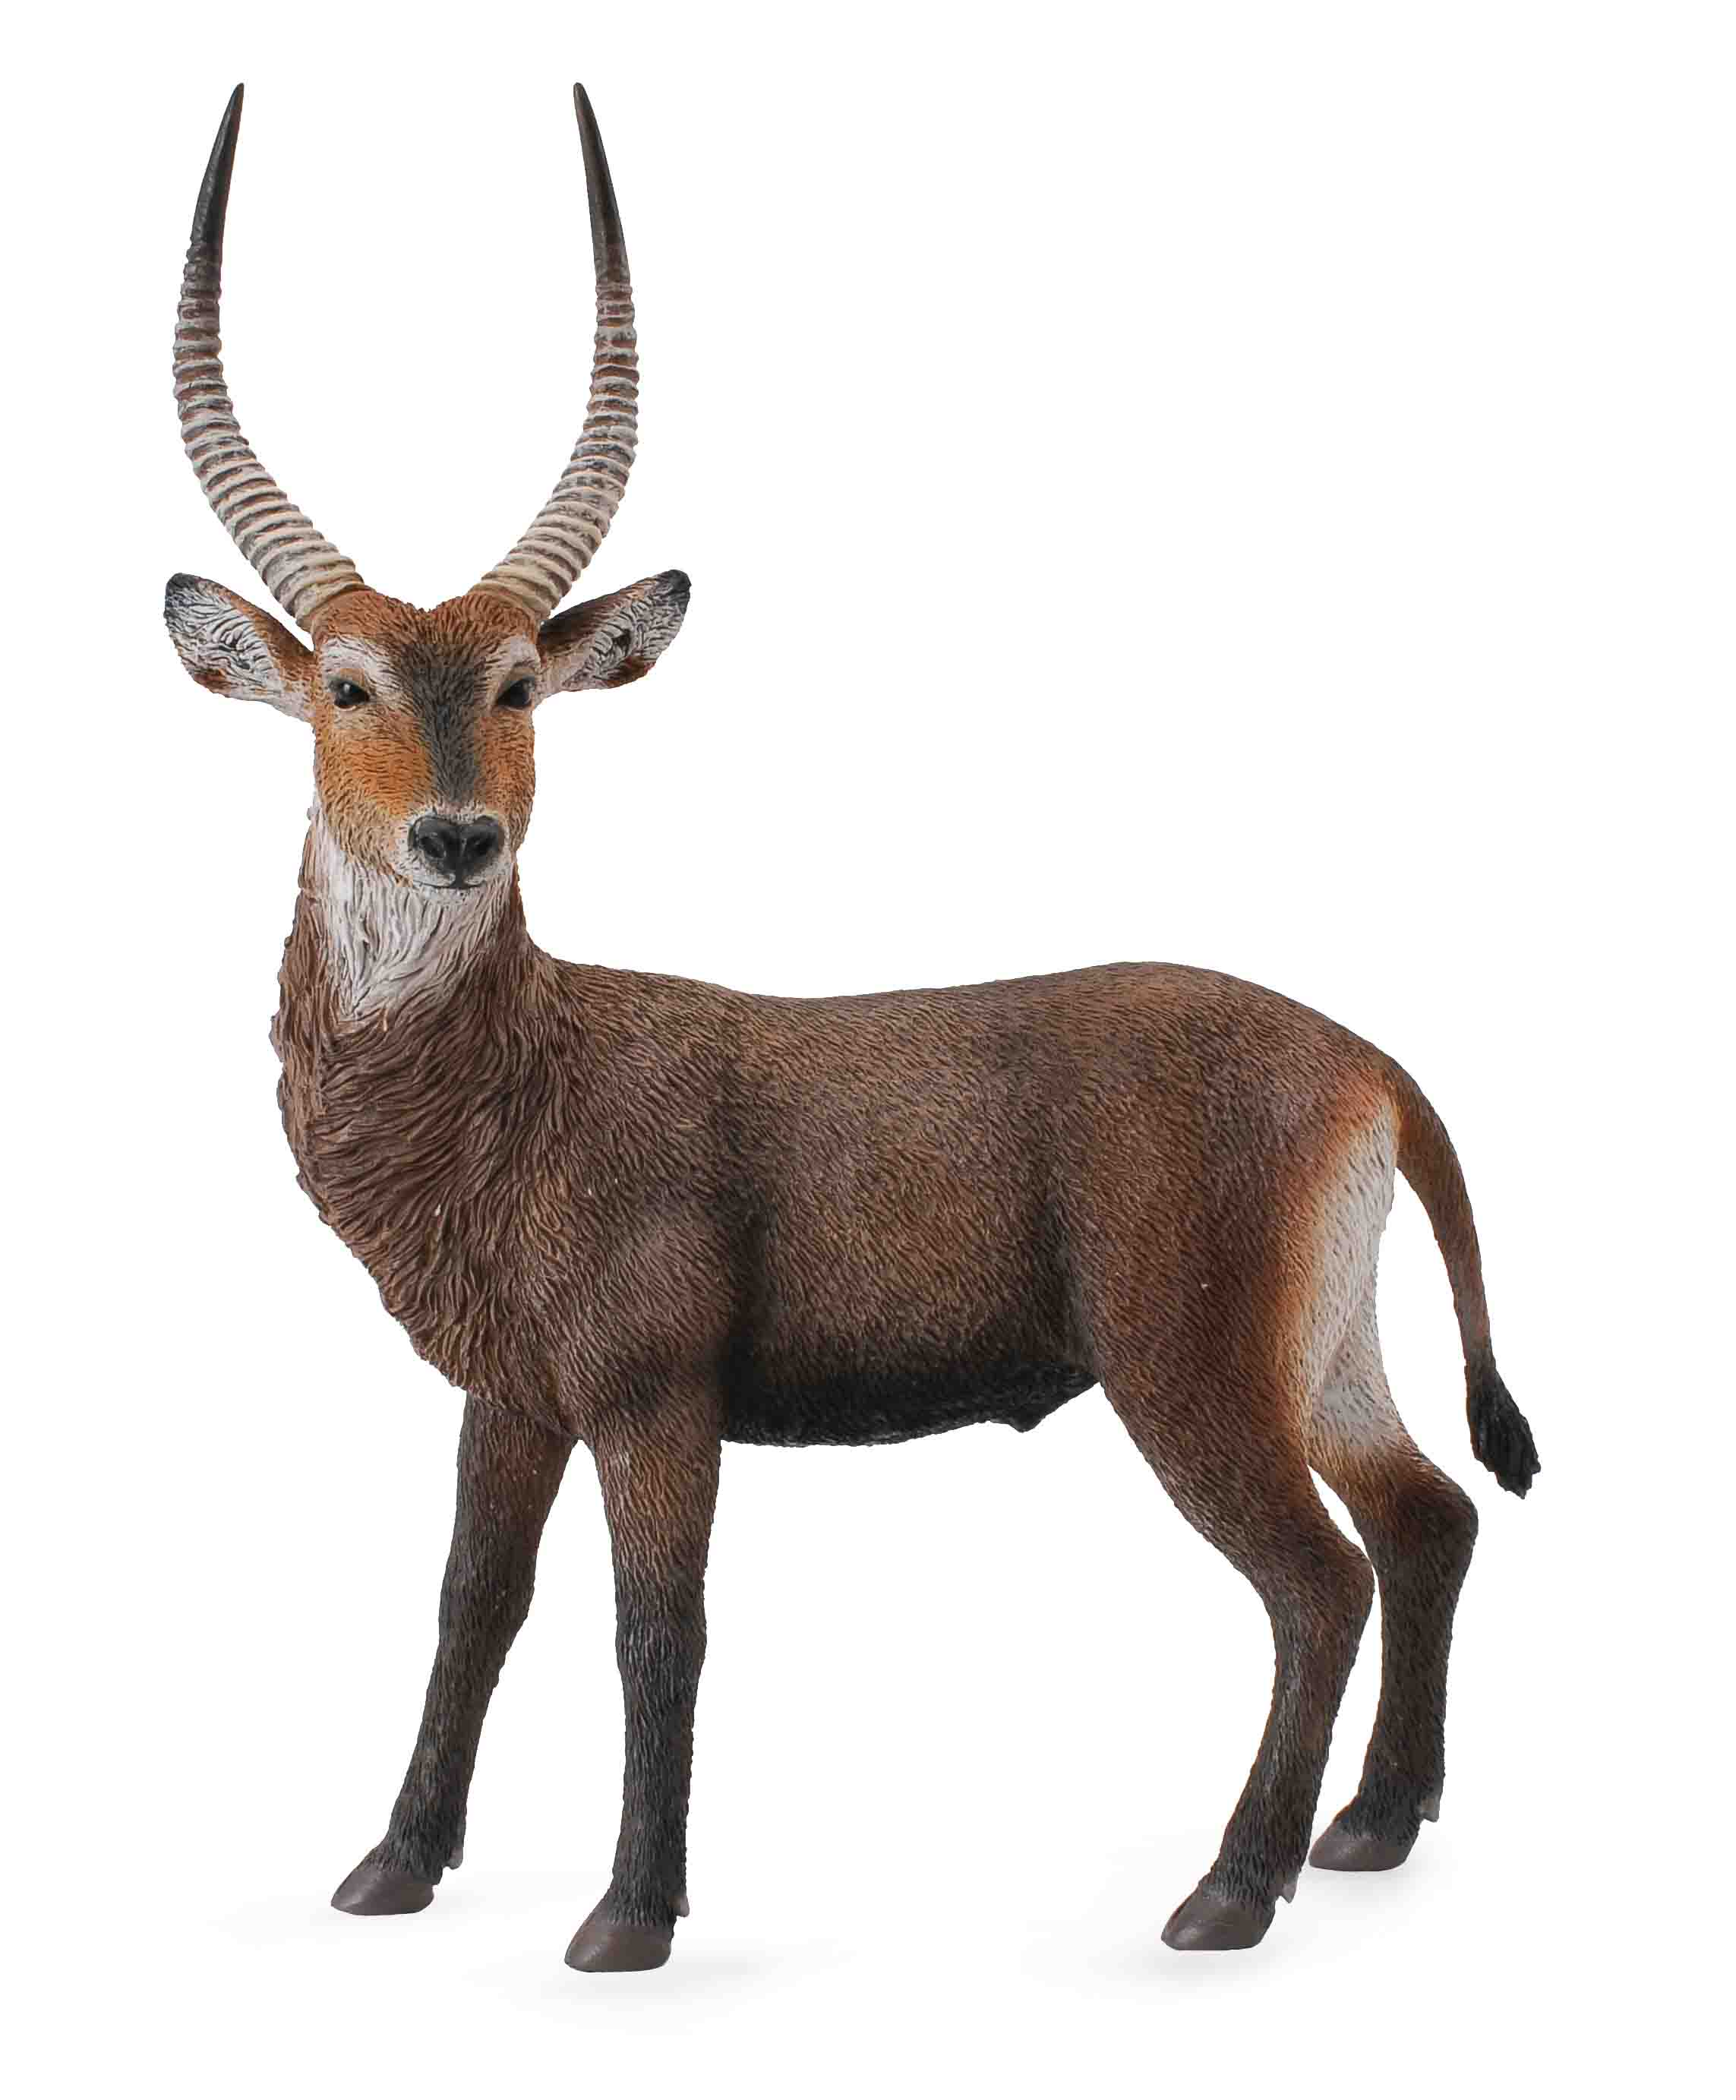 Фигурка животного Водяной козел, длина 13.5 смВодяной козел от компании Collecta - это отличная фигурка животного, длина которой составляет 10 сантиметров. Представленное изделие может послужить прекрасным развлечением для ребенка, помимо этого, такой фигуркой можно украсить какую-нибудь книжную полку, также ее можно поставить на письменный стол.<br>